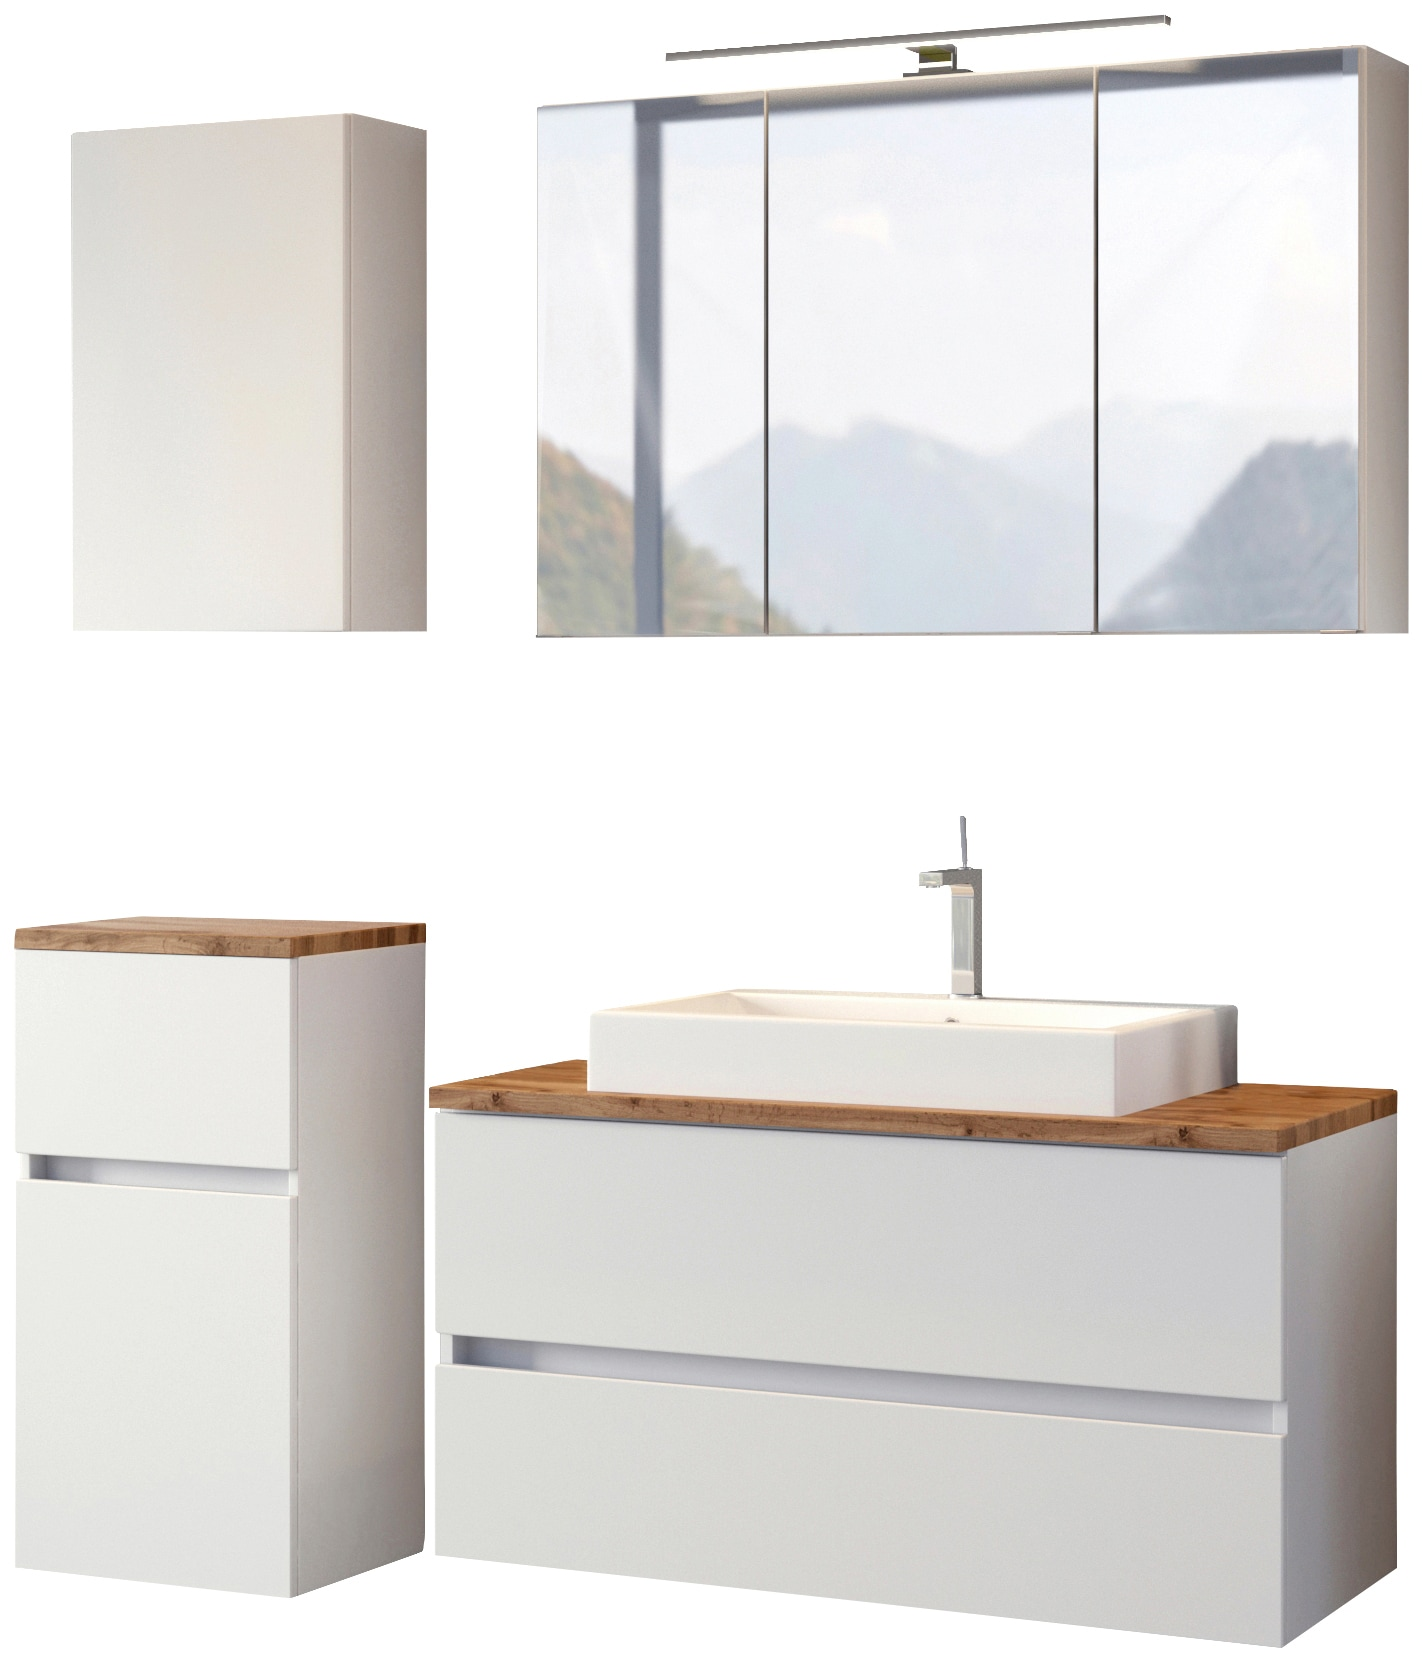 HELD MÖBEL Waschtisch-Set, (4 tlg.), mit Softclose-Funktion weiß Waschtische Badmöbel Waschtisch-Set